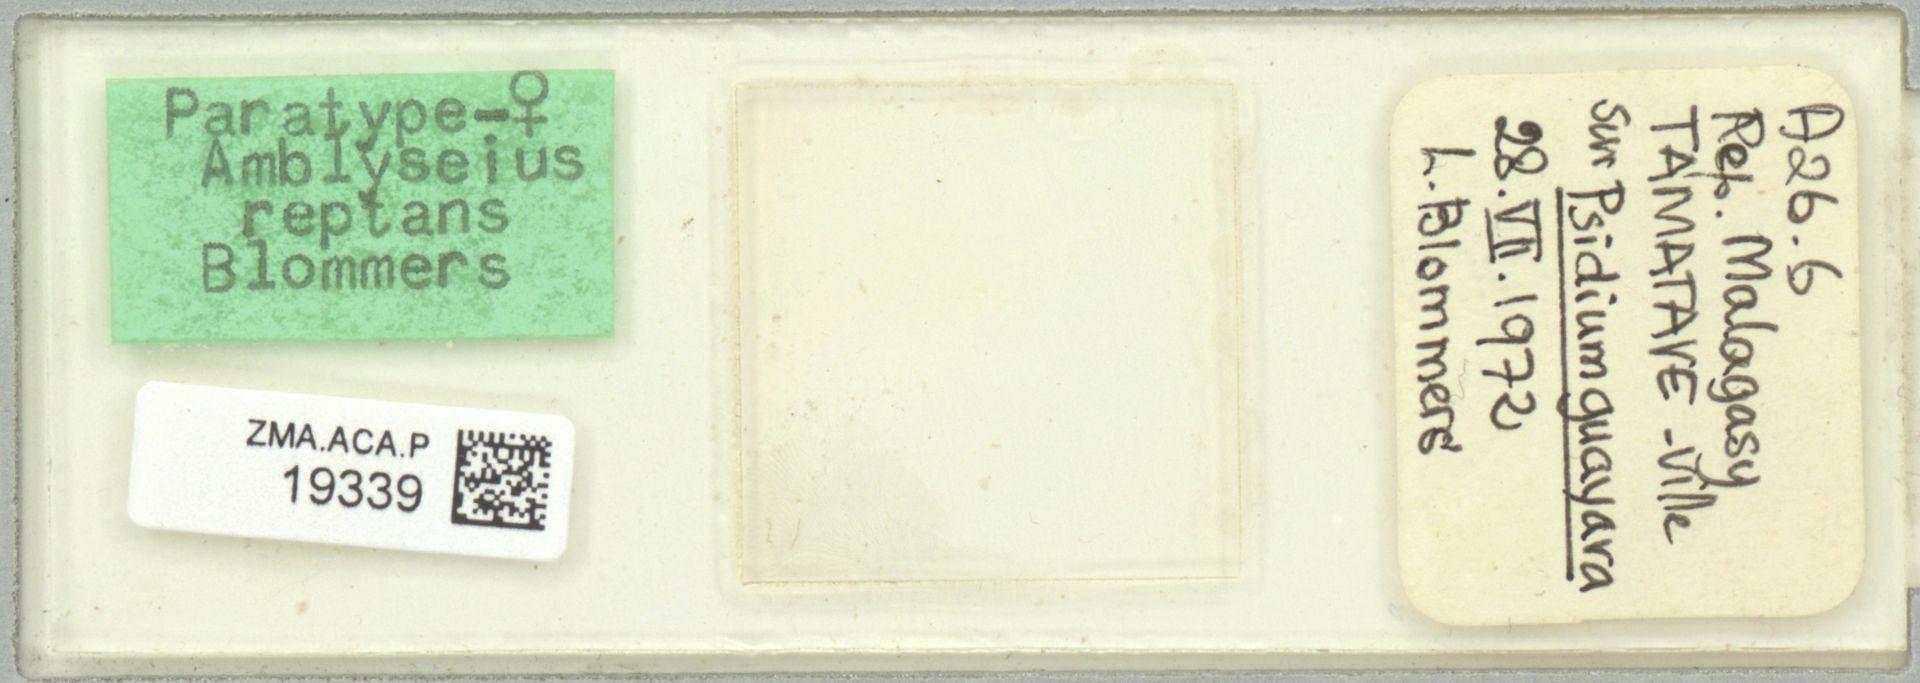 ZMA.ACA.P.19339 | Amblyseius reptans Blommers, 1974